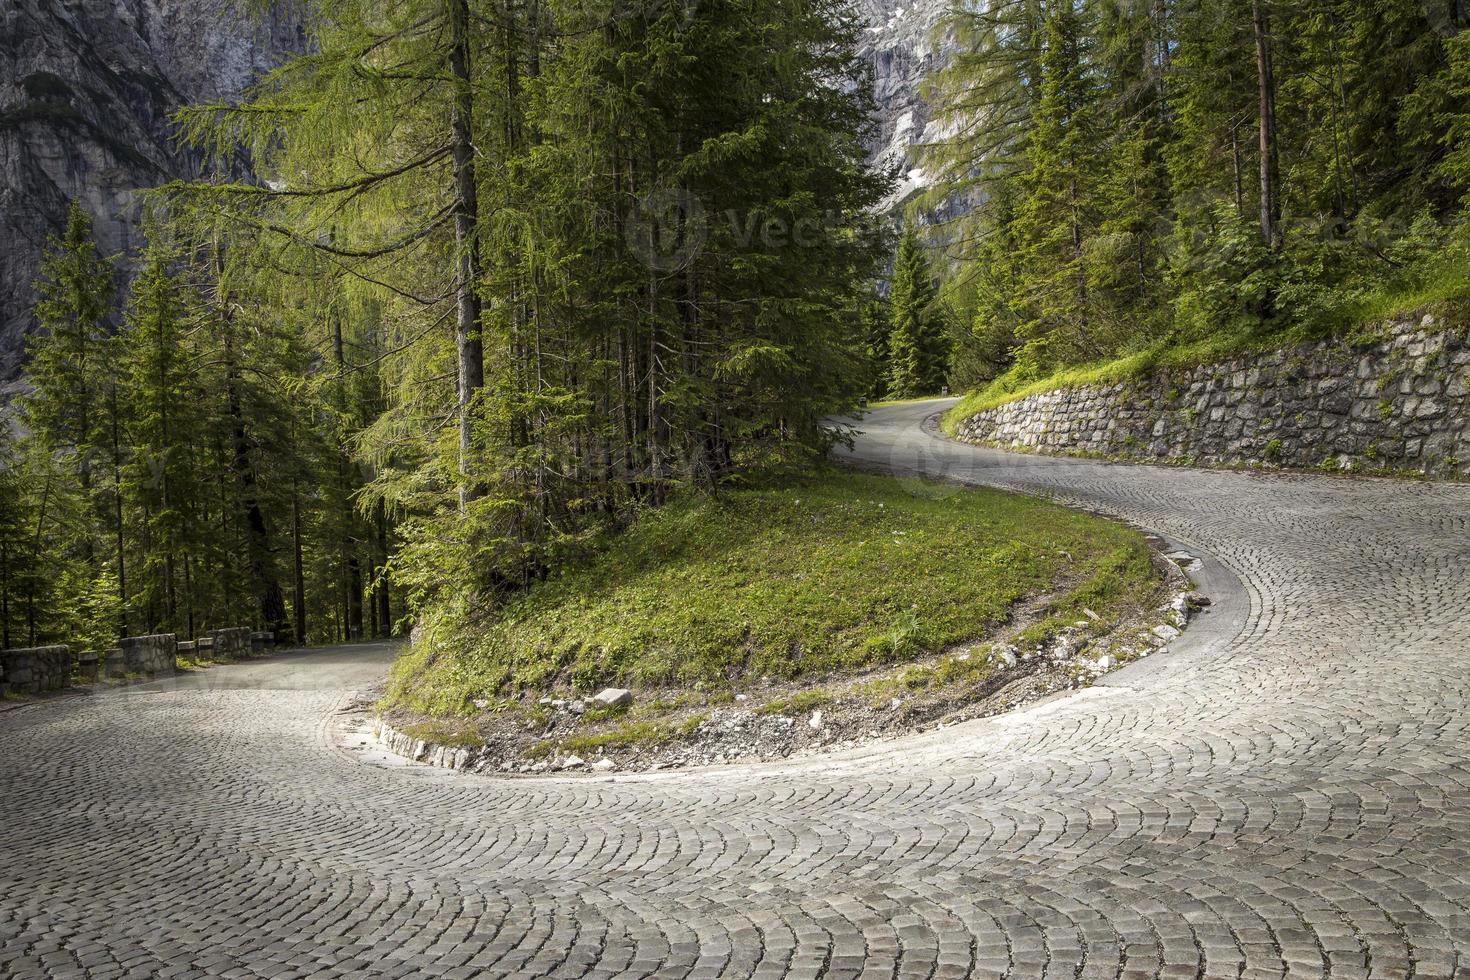 estrada sinuosa de asfalto de montanha foto